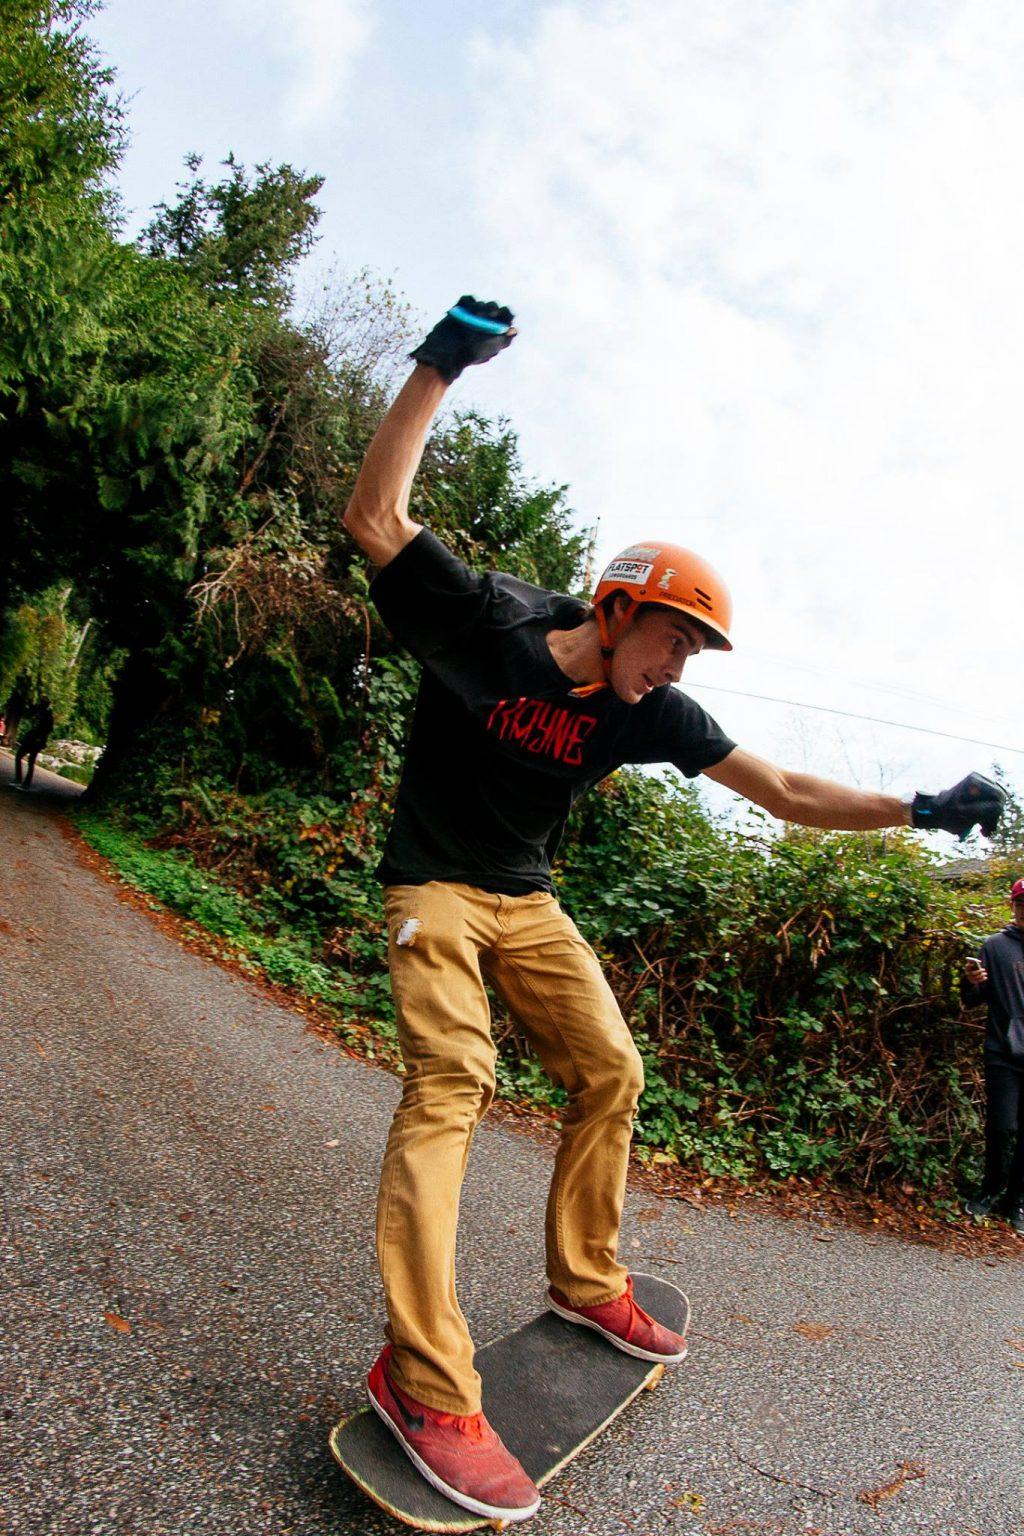 17-sam-galus-flatspot-longboards-valhalla-skateboards-higway-jam-highwayjamx-sho-ouellette-sho-stopper-longboarding